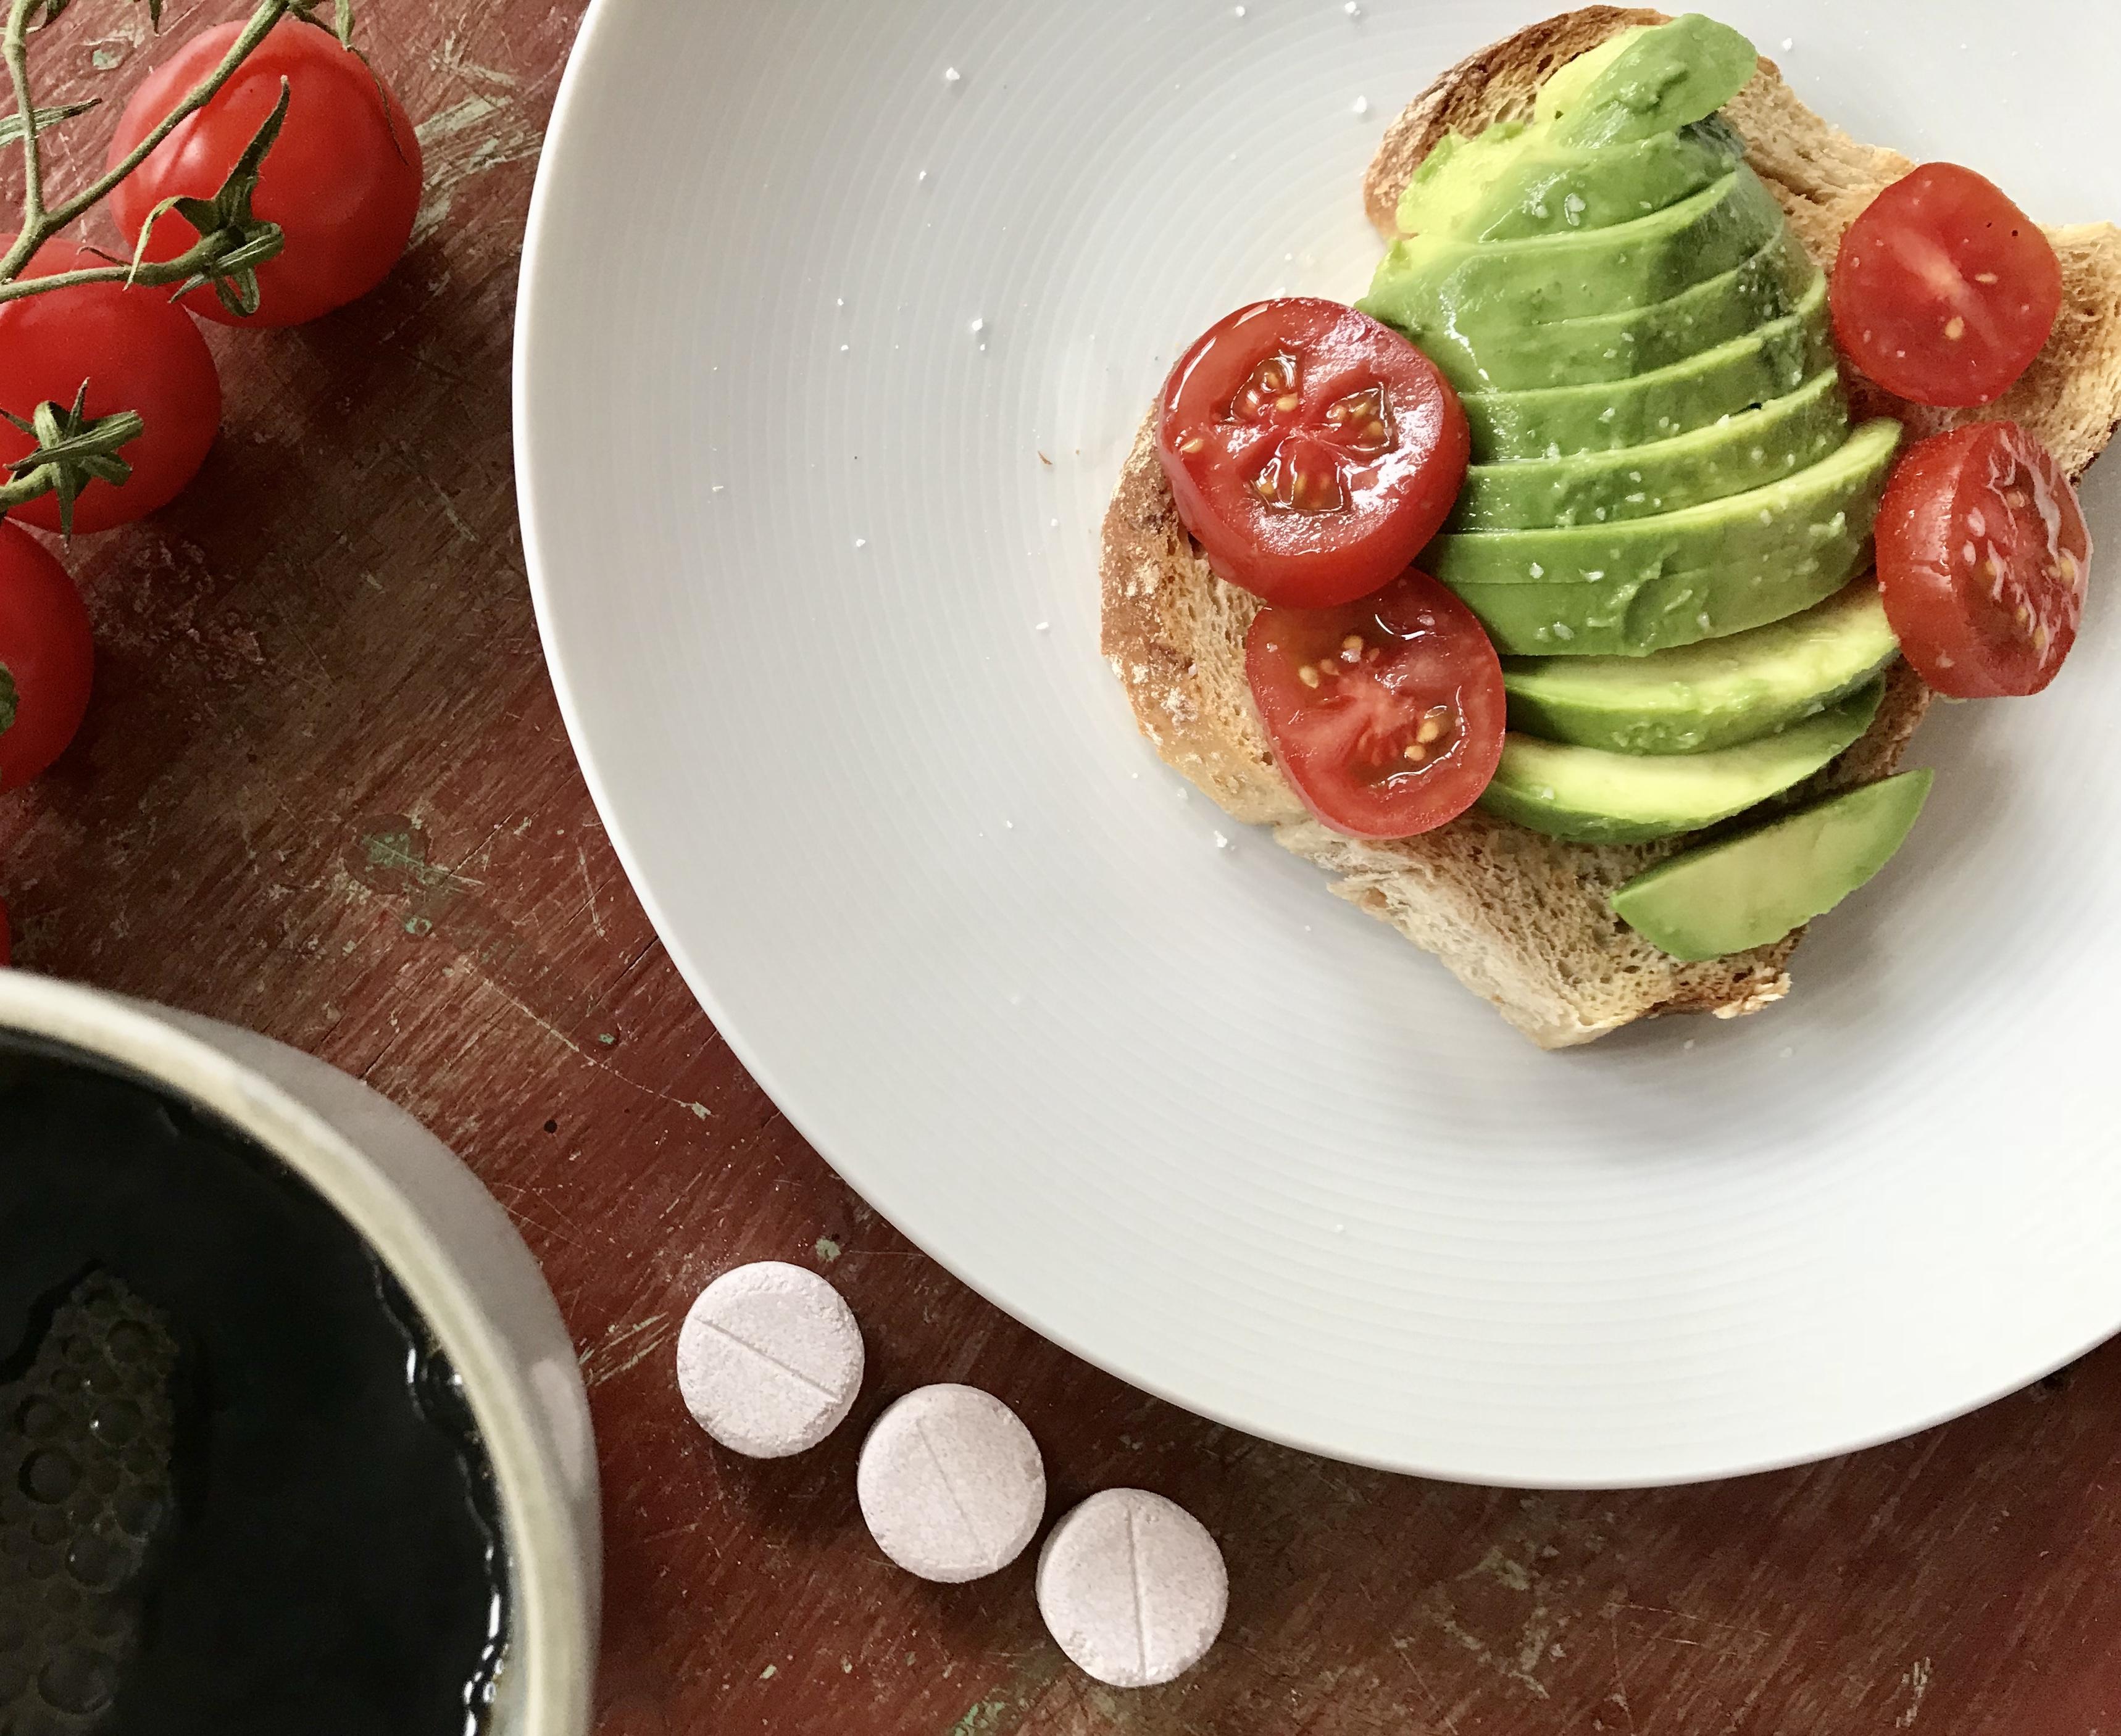 Tre barico tuggtabletter avokado toast kaffe och tomater